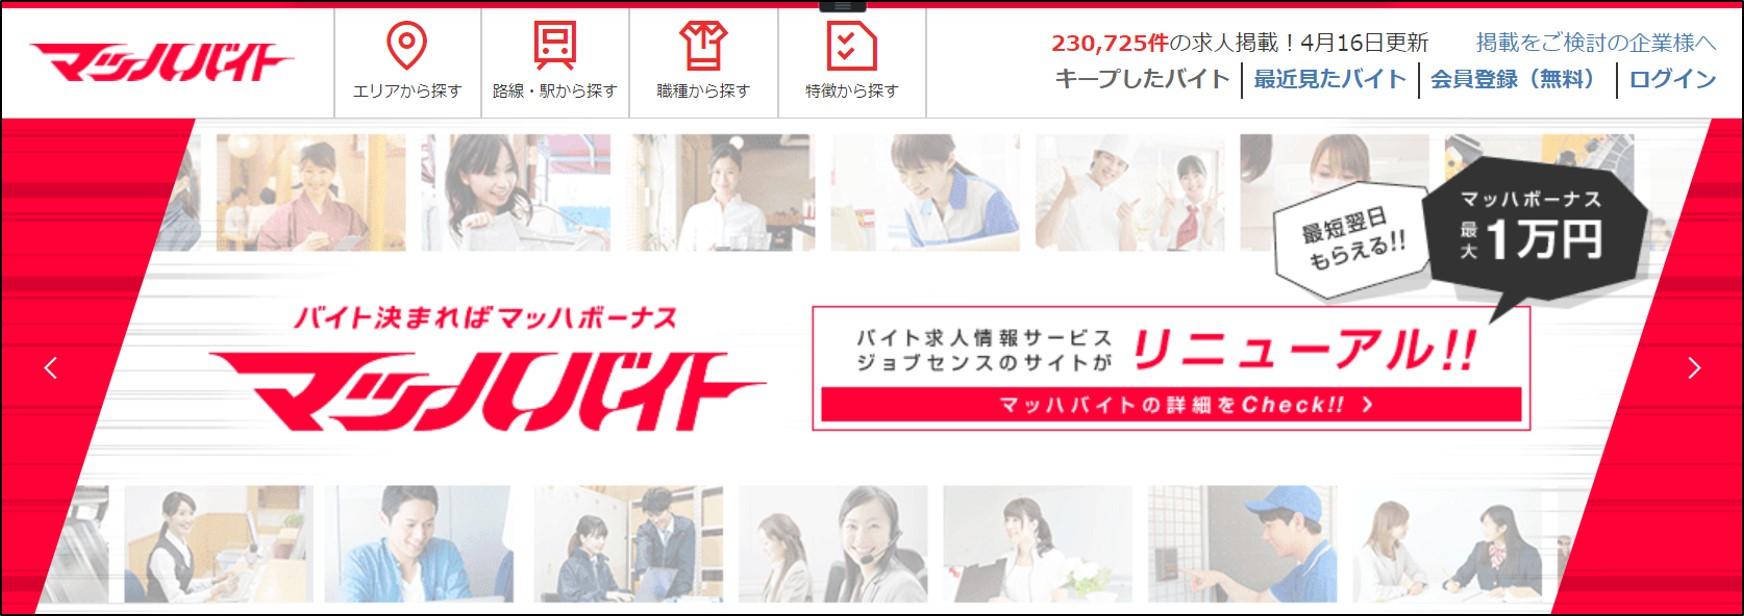 マッハバイトのホームページ画面